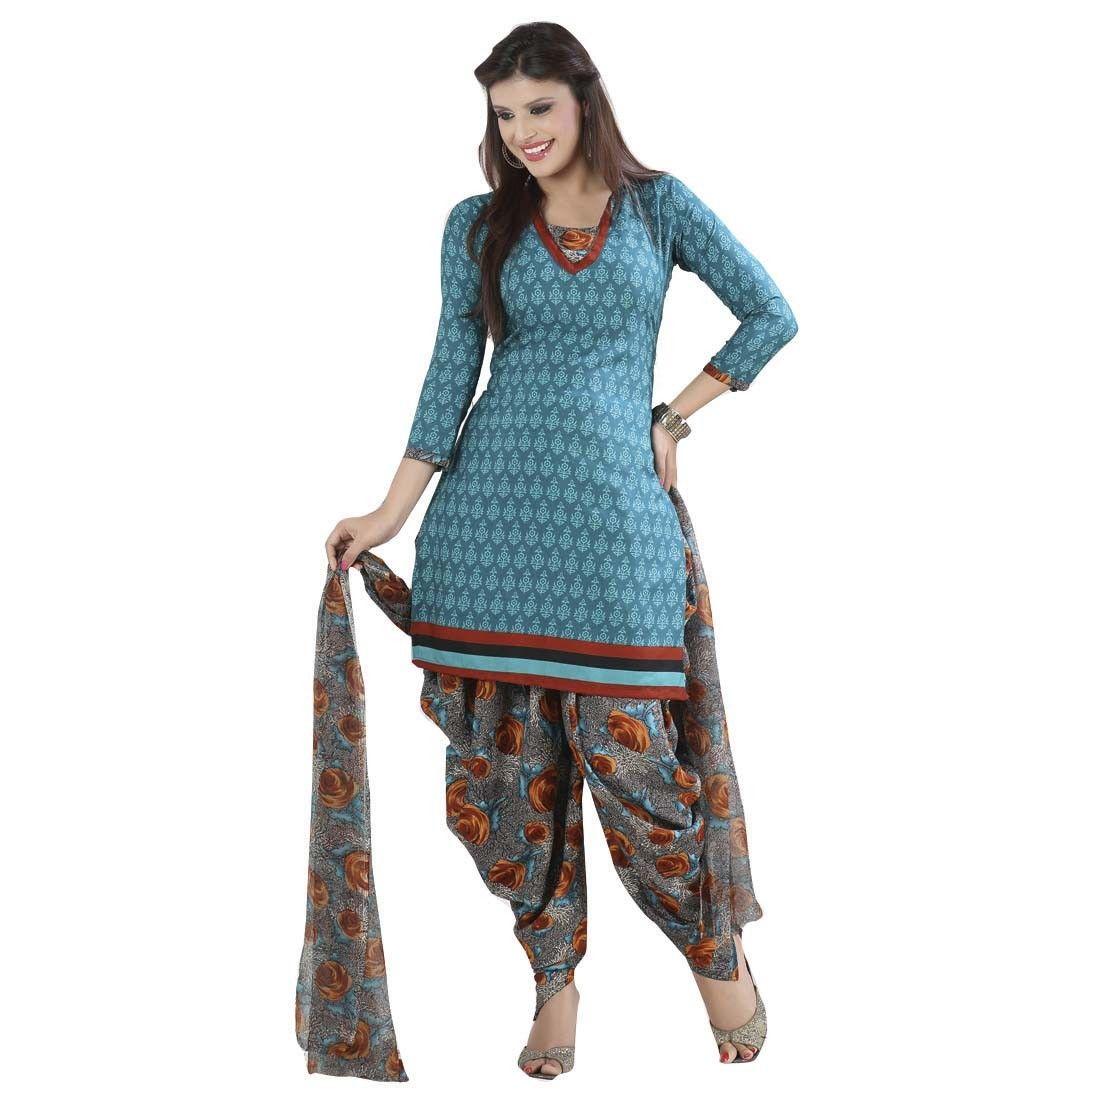 Crepe Blue Printed Unstitched Patiala Suit - Q1006 at Rs 715 www.indiarush.com/crepe-blue-printed-unstitched-patiala-suit-q1006/